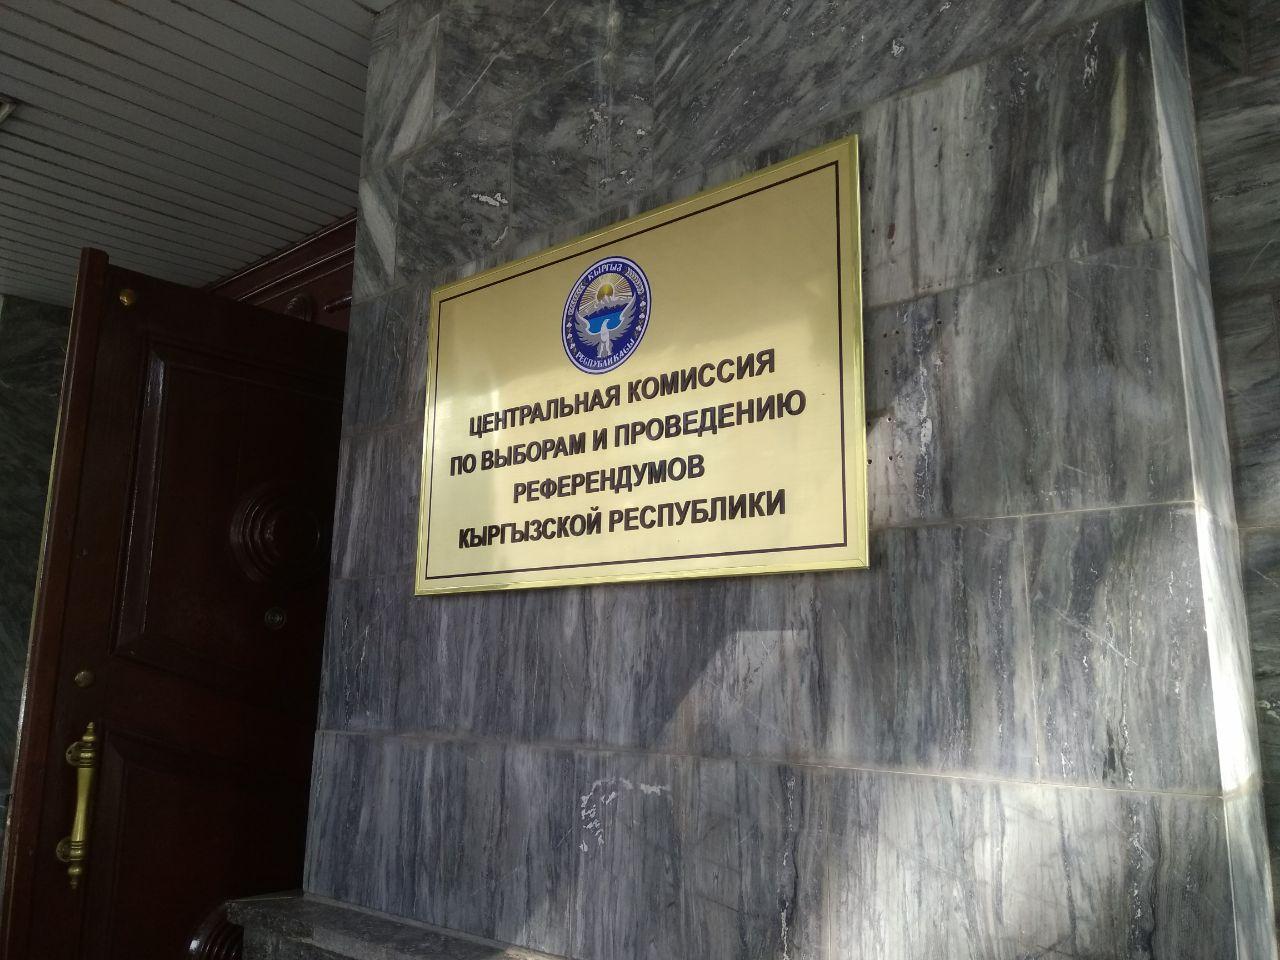 Выборы. «Партия коммунистов Кыргызстана» отказалась от участия в выборах в Жогорку Кенеш